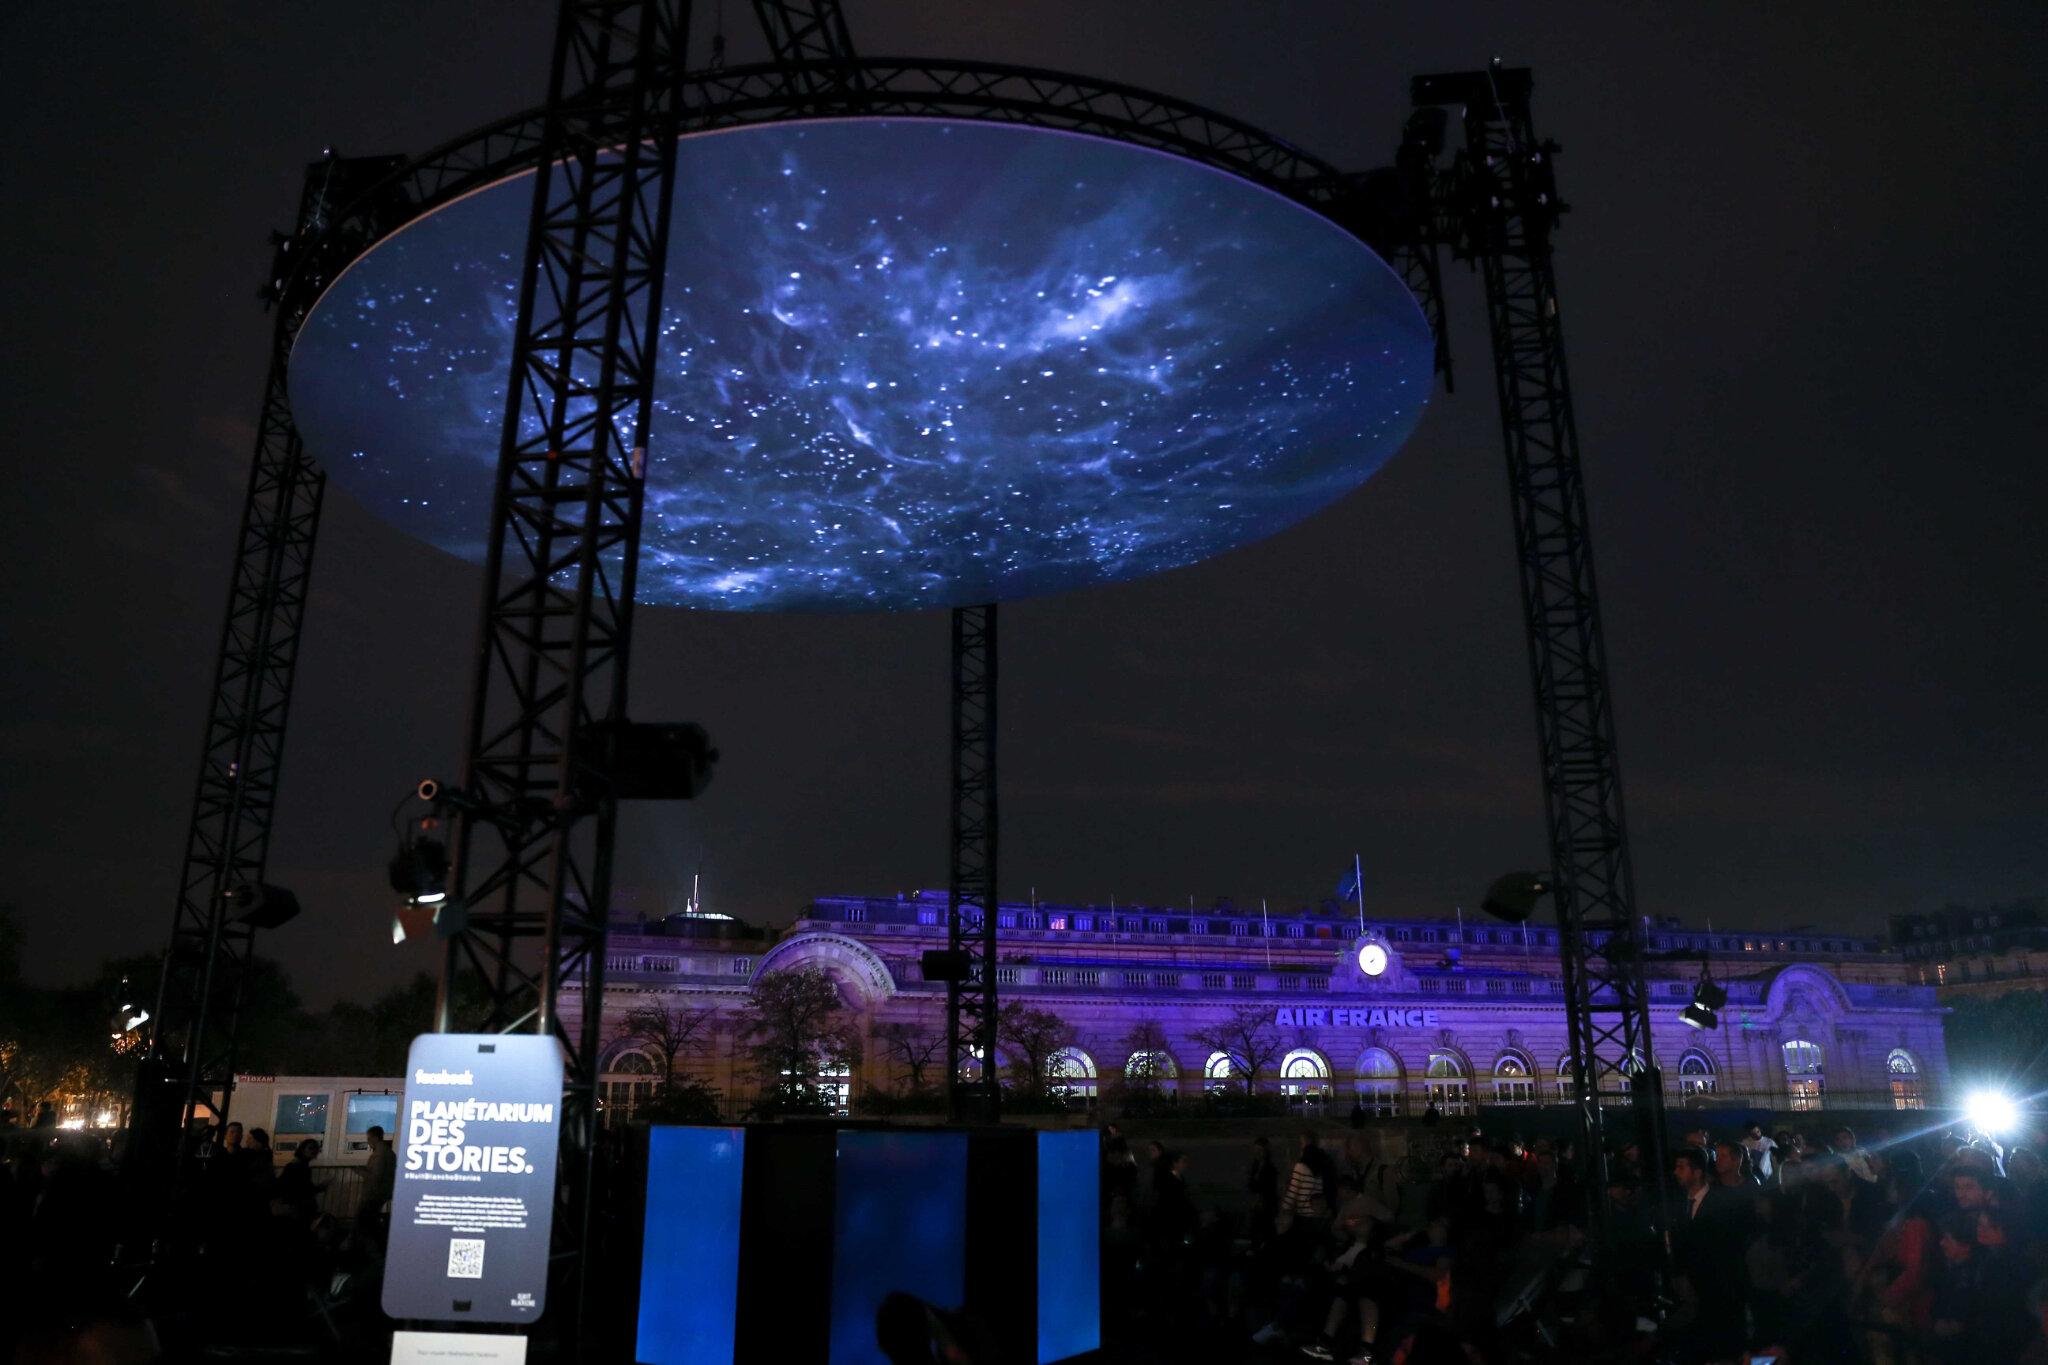 Nuit Blanche 2018 : le Planétarium des Stories par Facebook. © Michel Stoupak. Sam 06.10.2018, 19h05m38.